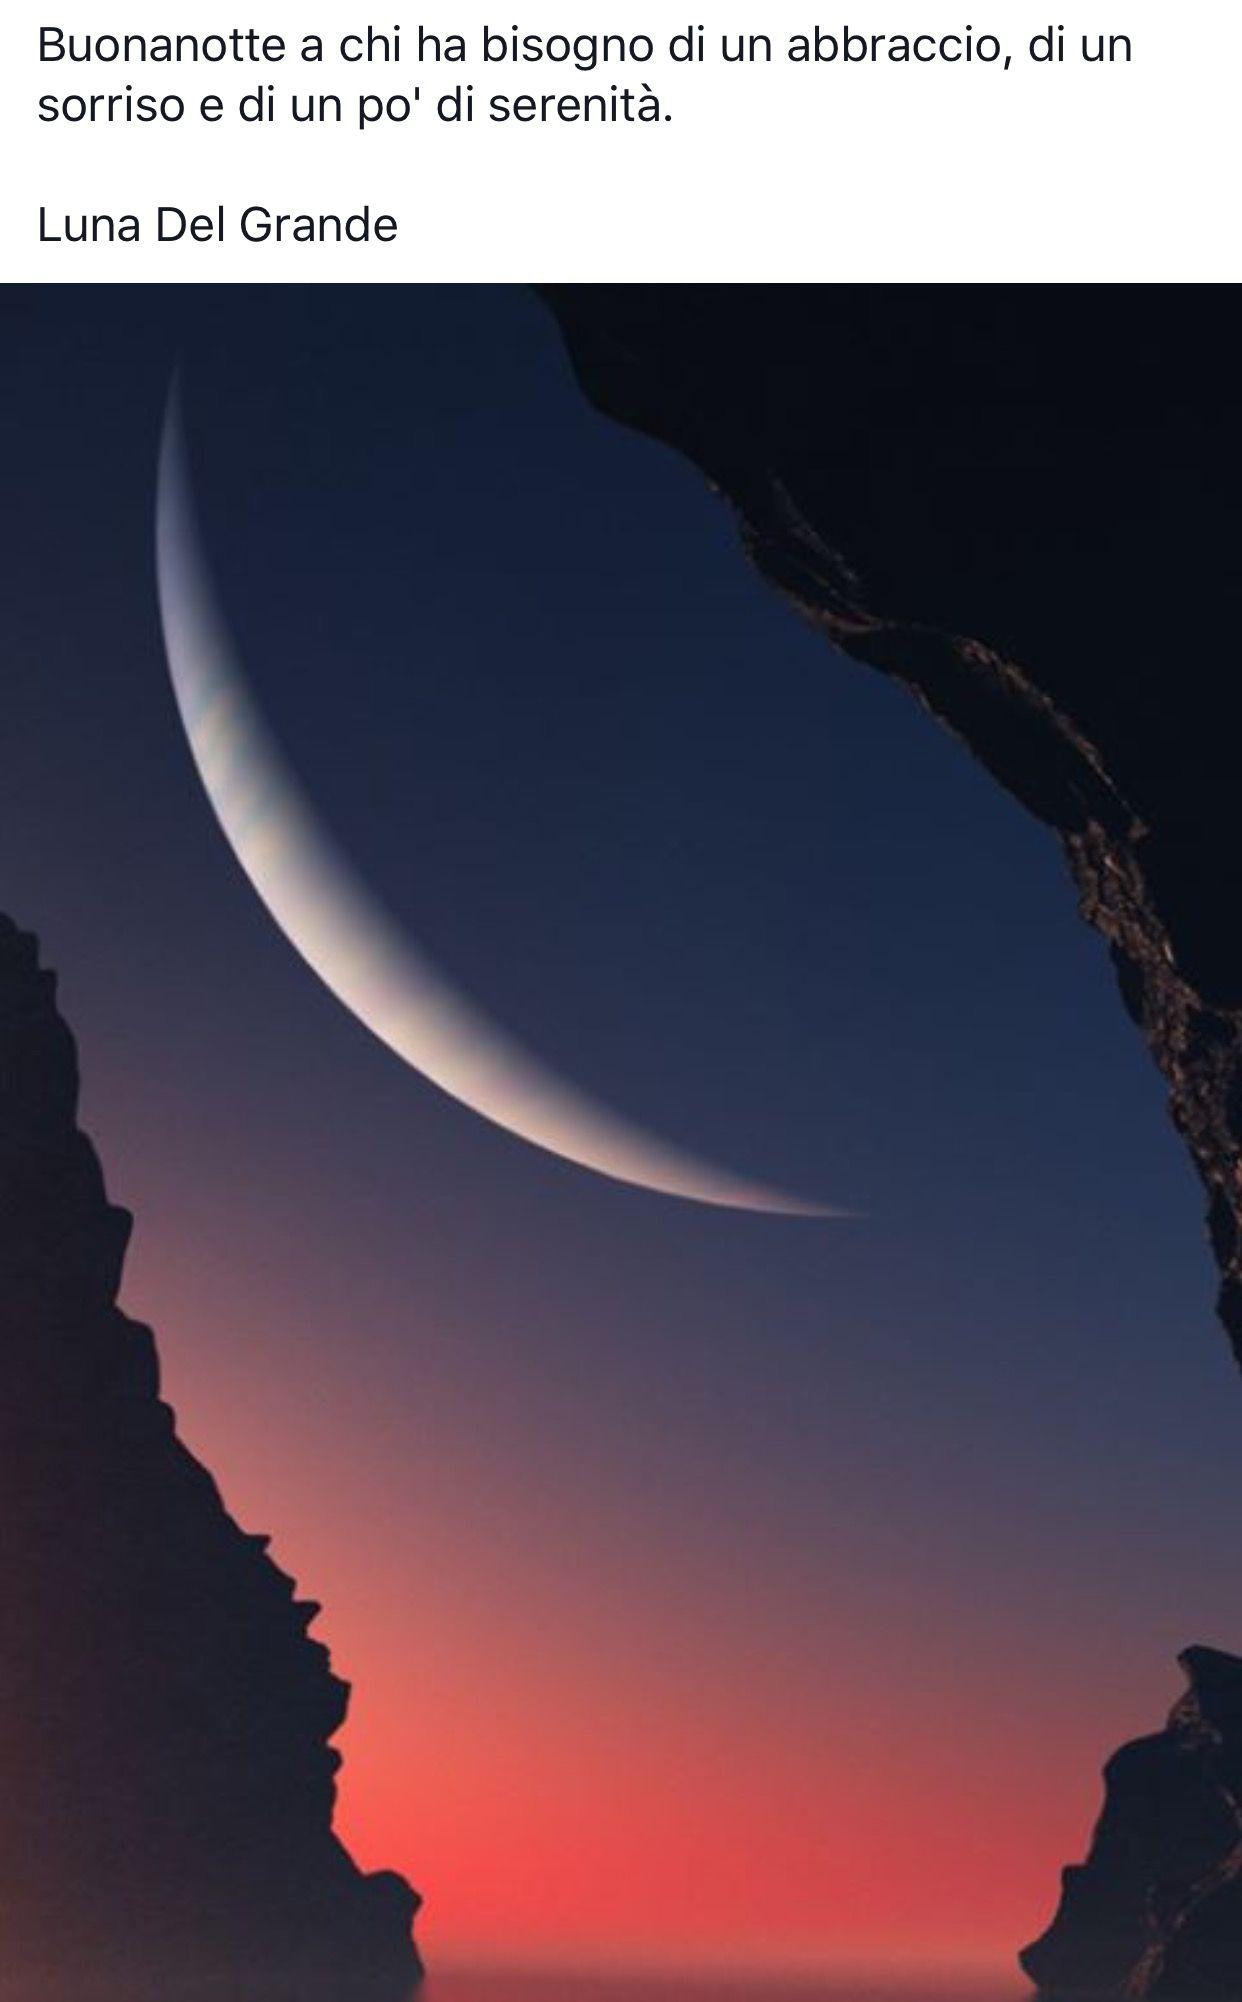 Luna Del Grande Buon Giorno E Buona Notte Mond Mond Bilder E